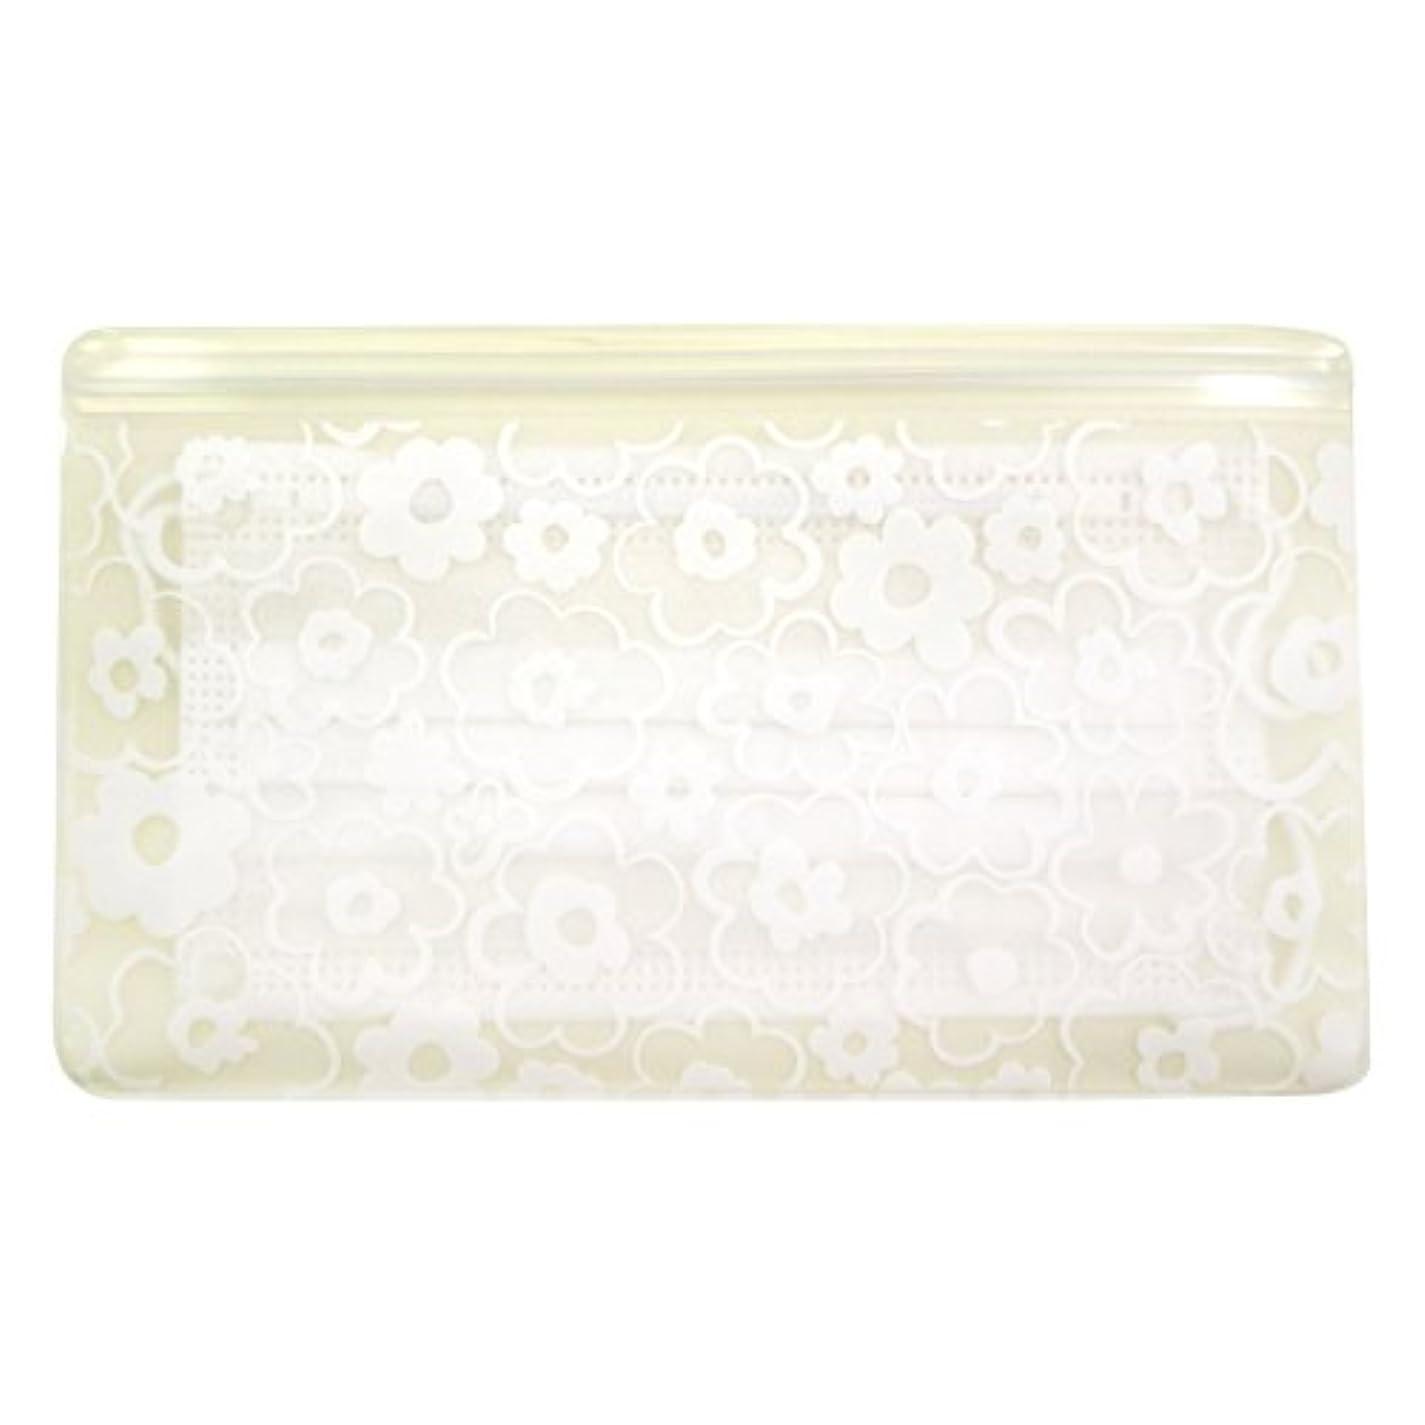 鑑定耐久破裂抗菌マスクケース Wポケット 花柄ホワイト いやあらっくす